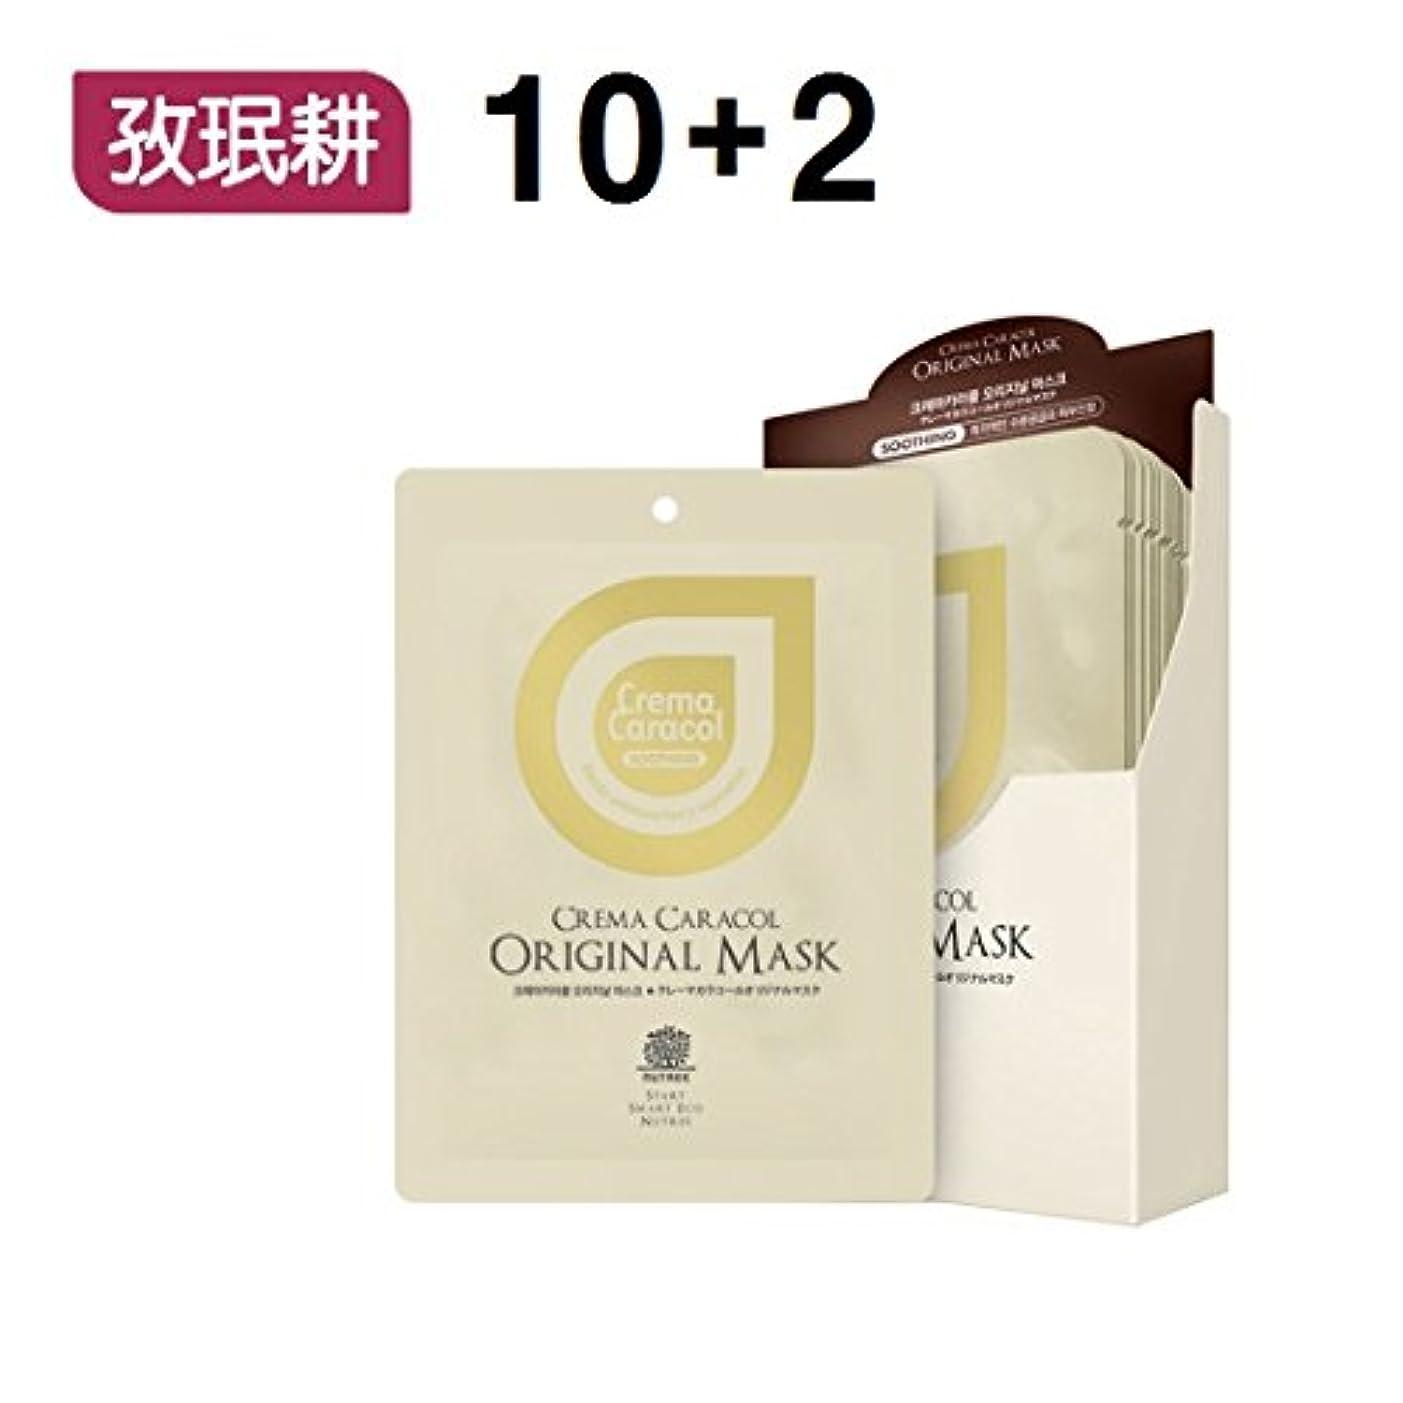 化粧評判アイスクリームJaminkyung Crema Caracol Original Mask 10+2 / ジャミンギョン クレマカラコールオリジナルマスク 10+2 [並行輸入品]